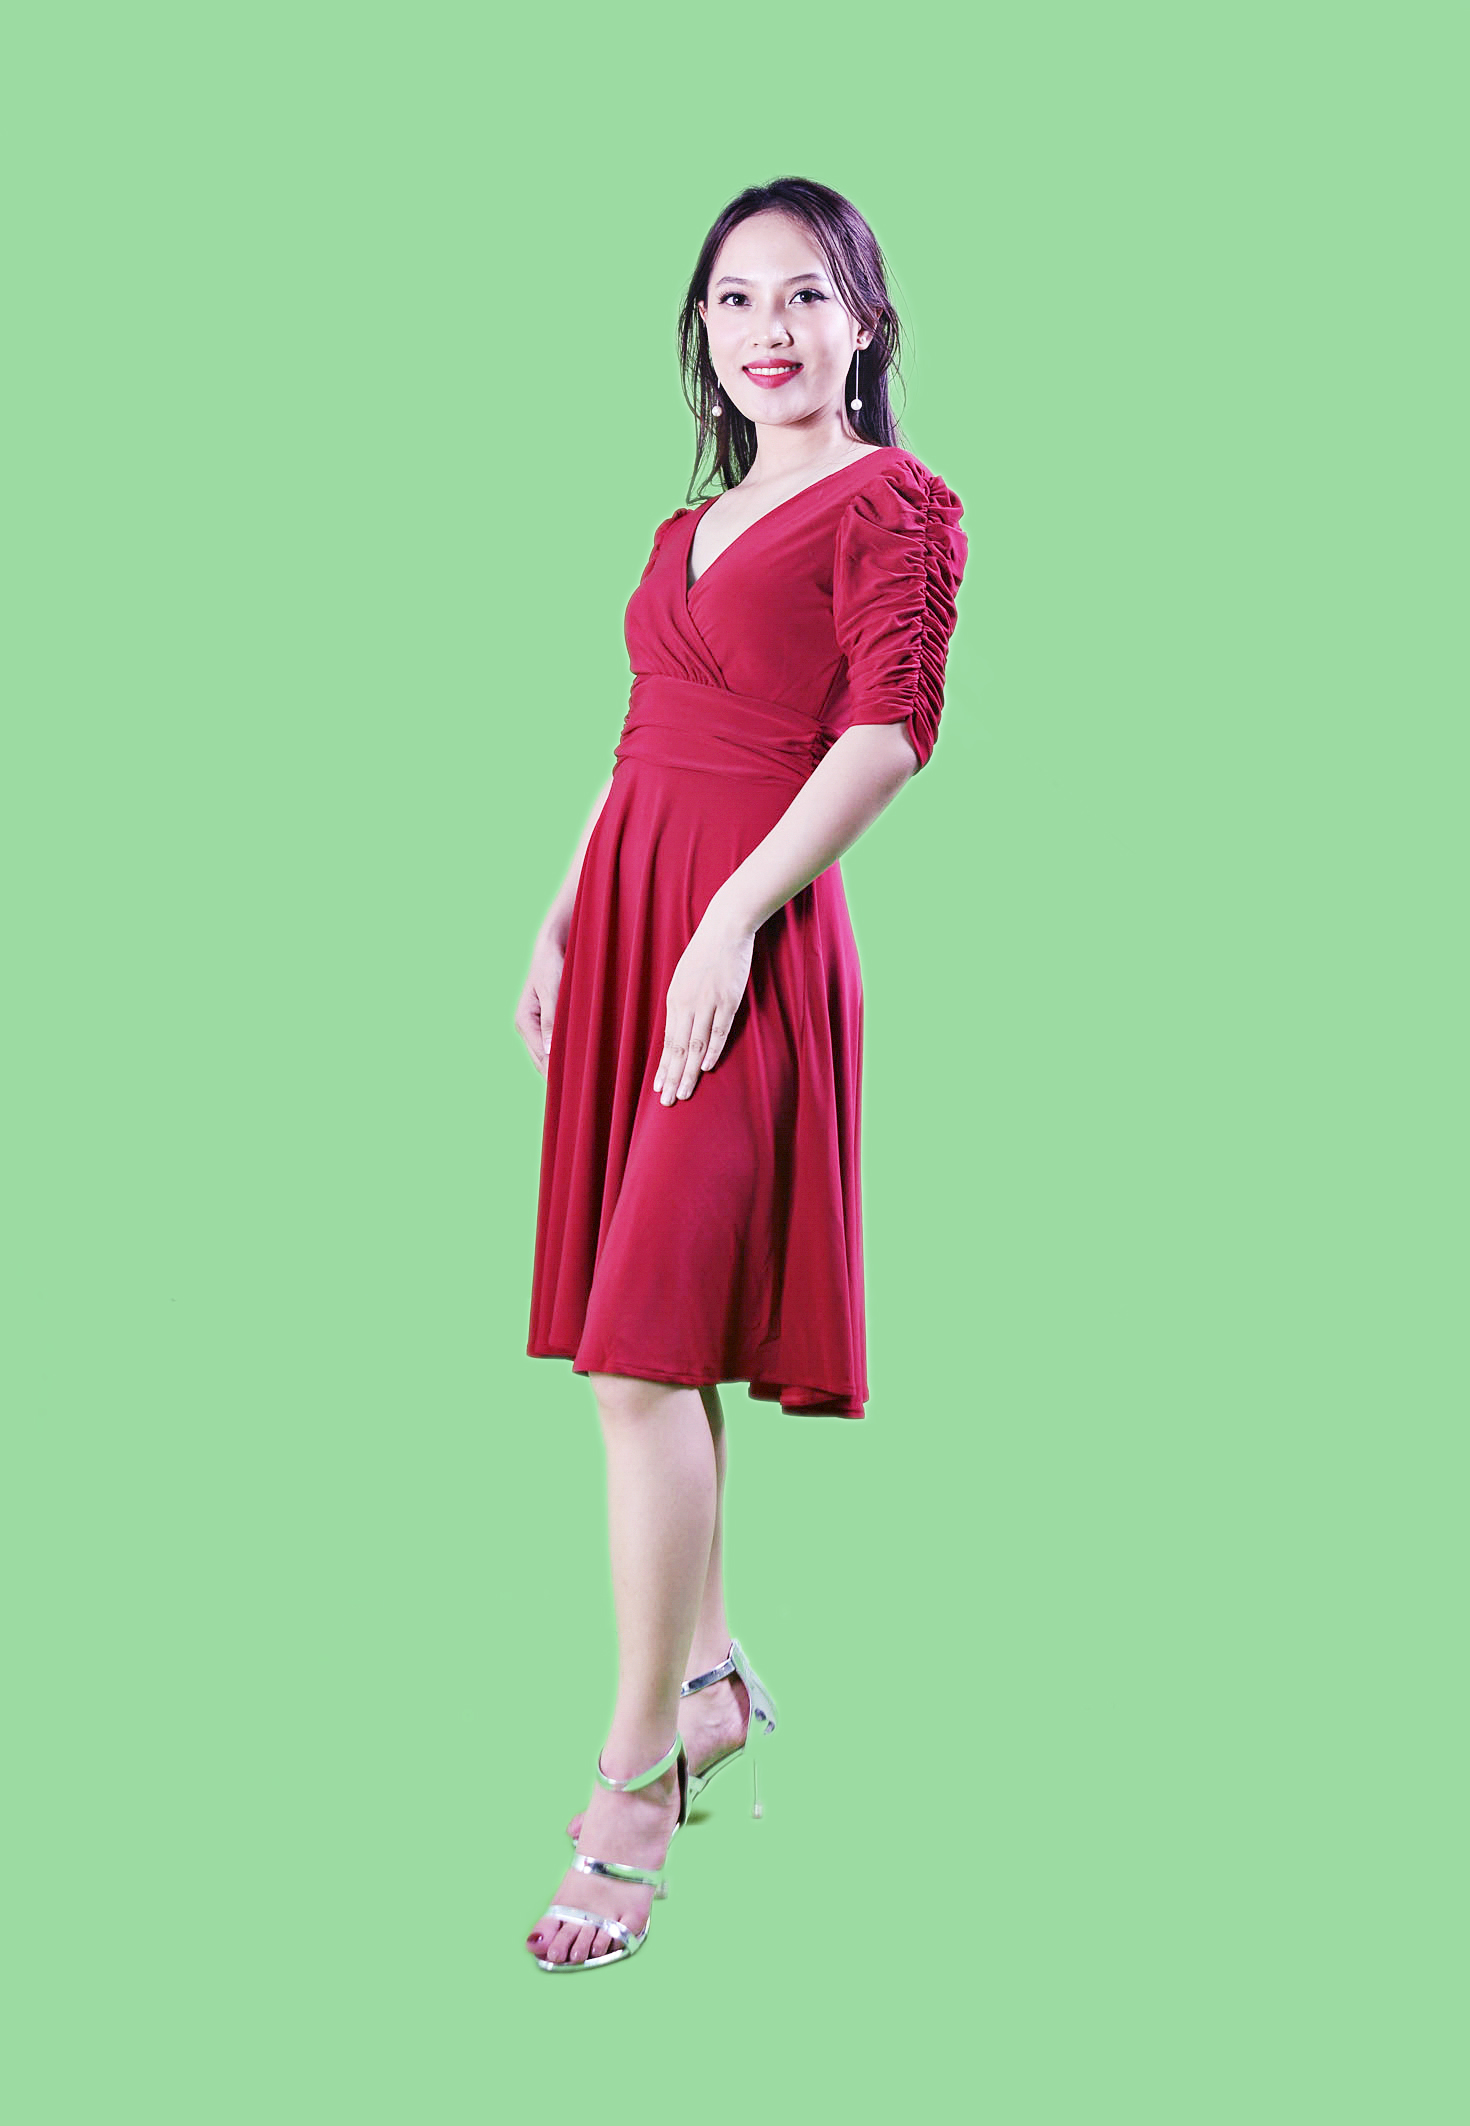 vay-dam-cong-so-gia-si Váy đầm công sở giá sỉ Địa chỉ cung cấp váy đầm công sở giá sỉ vay dam cong so gia si